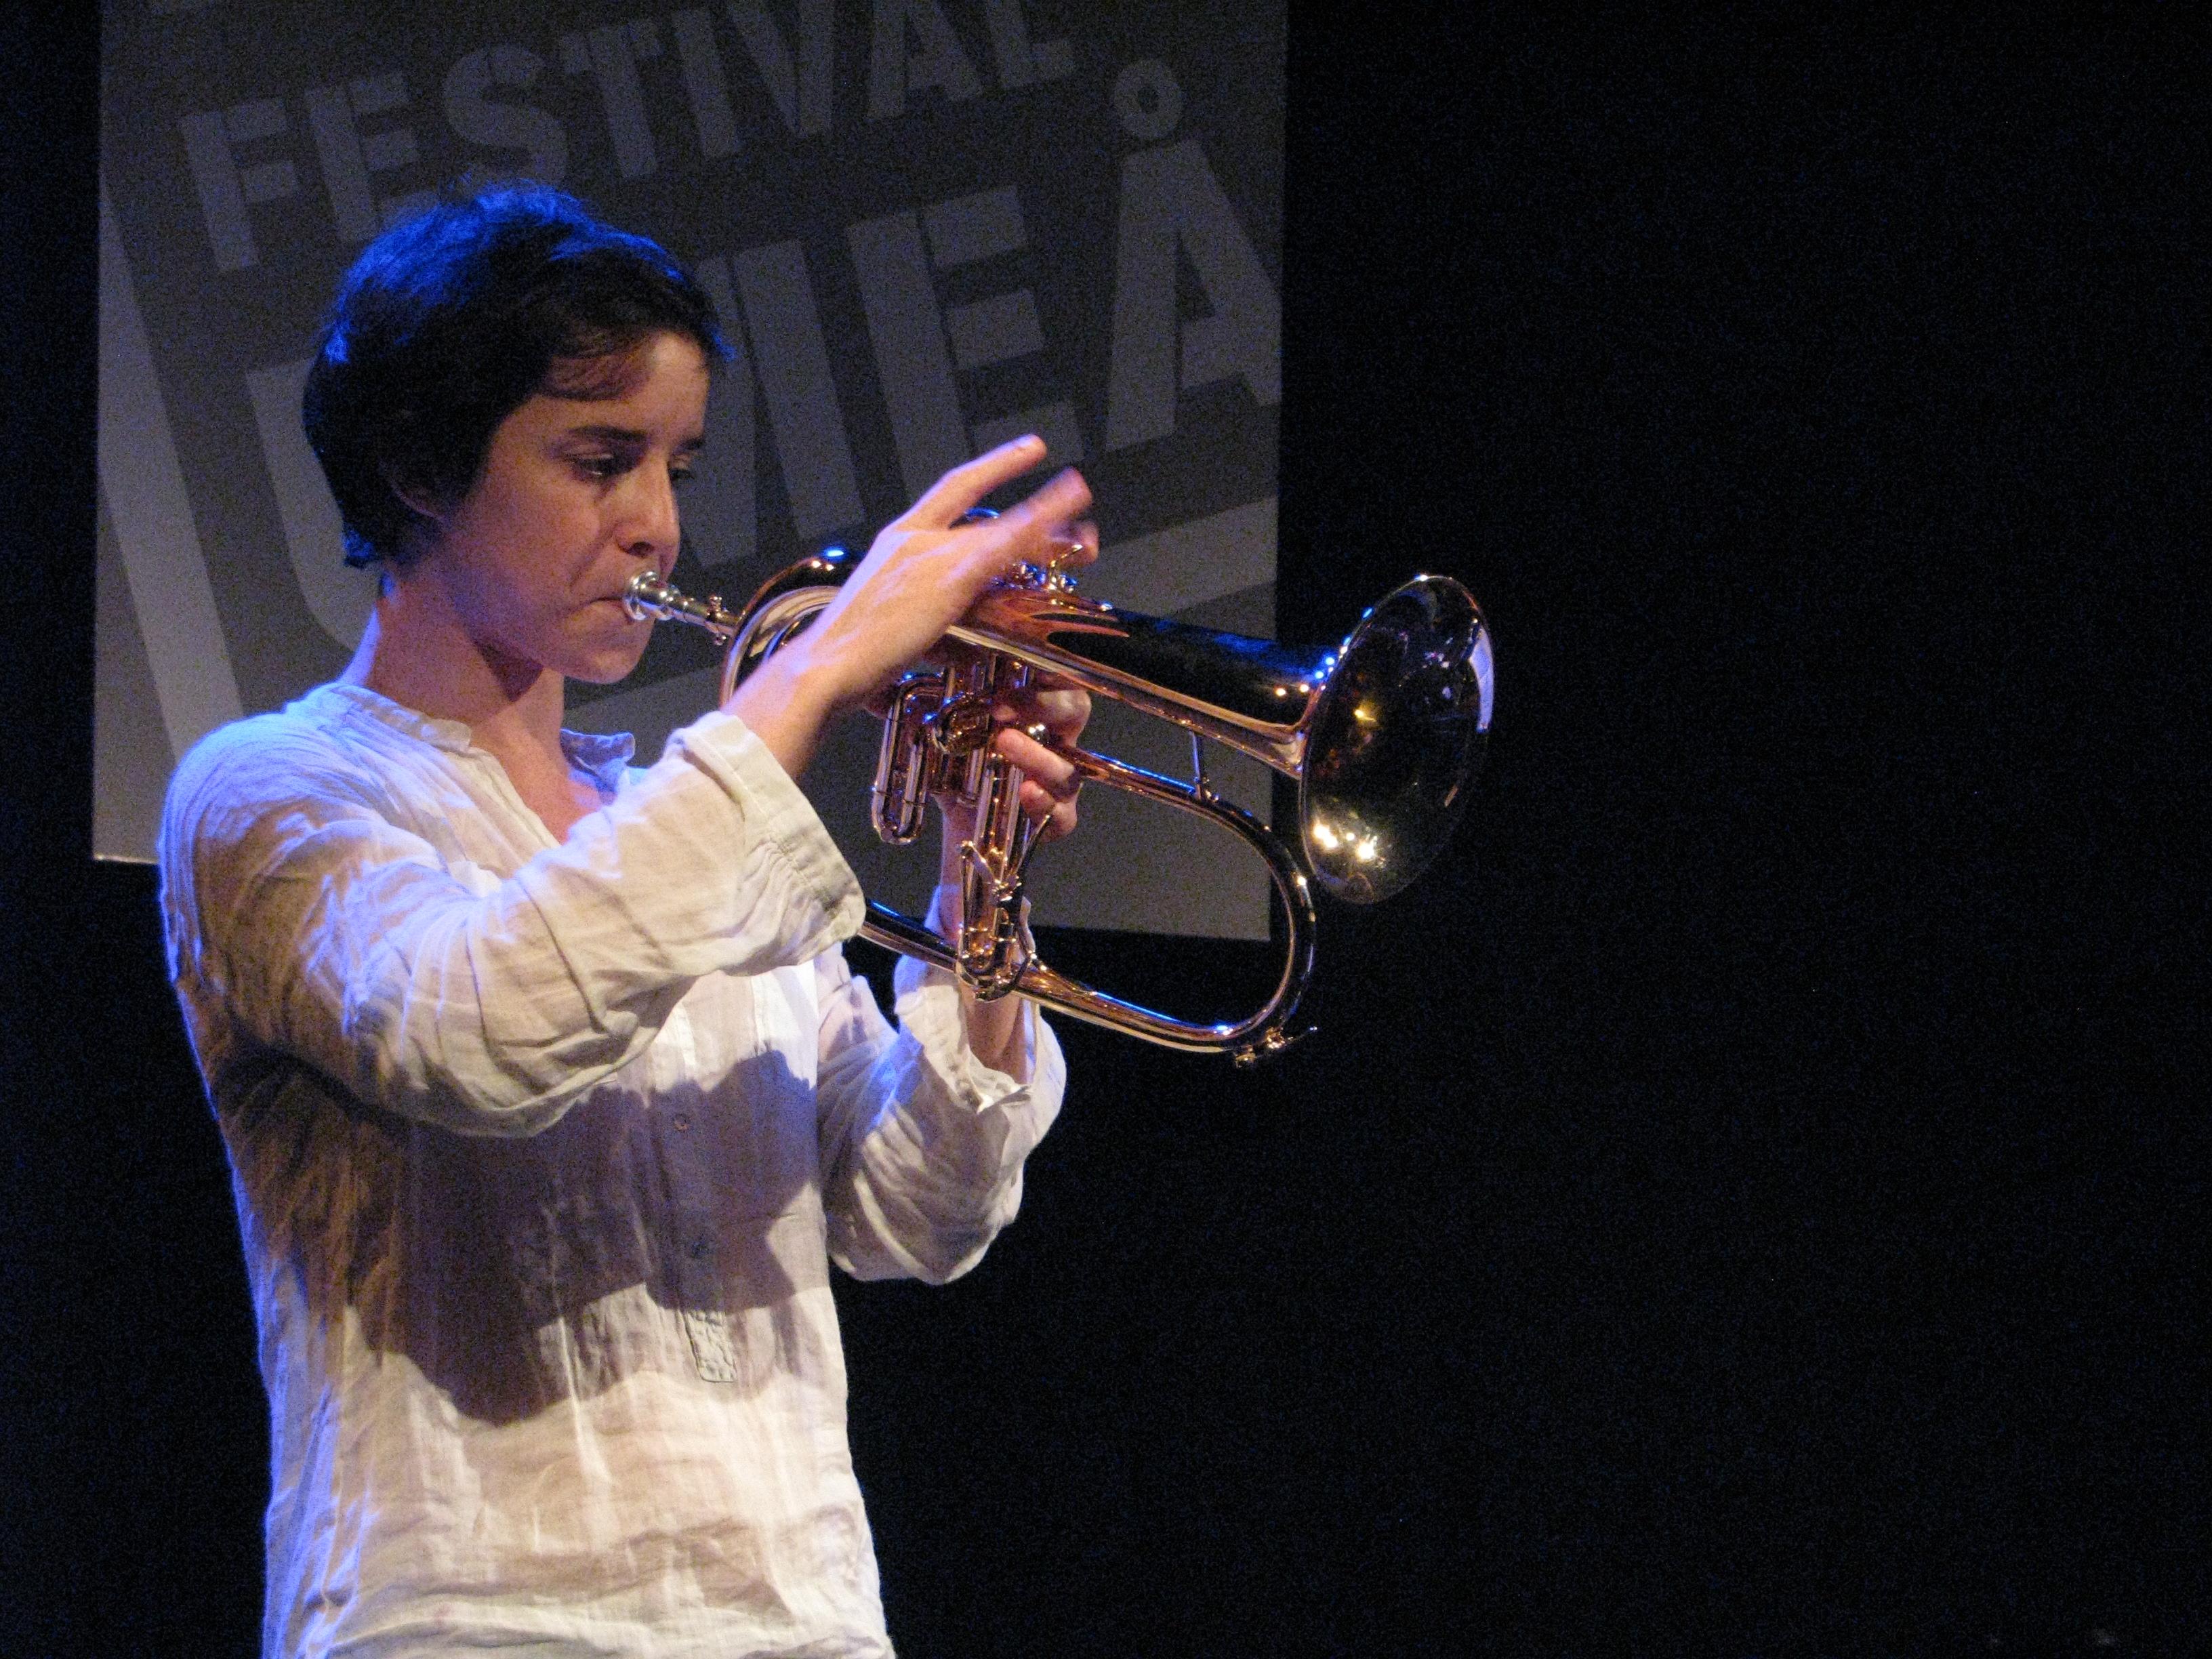 Susana santos silva - umeå jf 2013